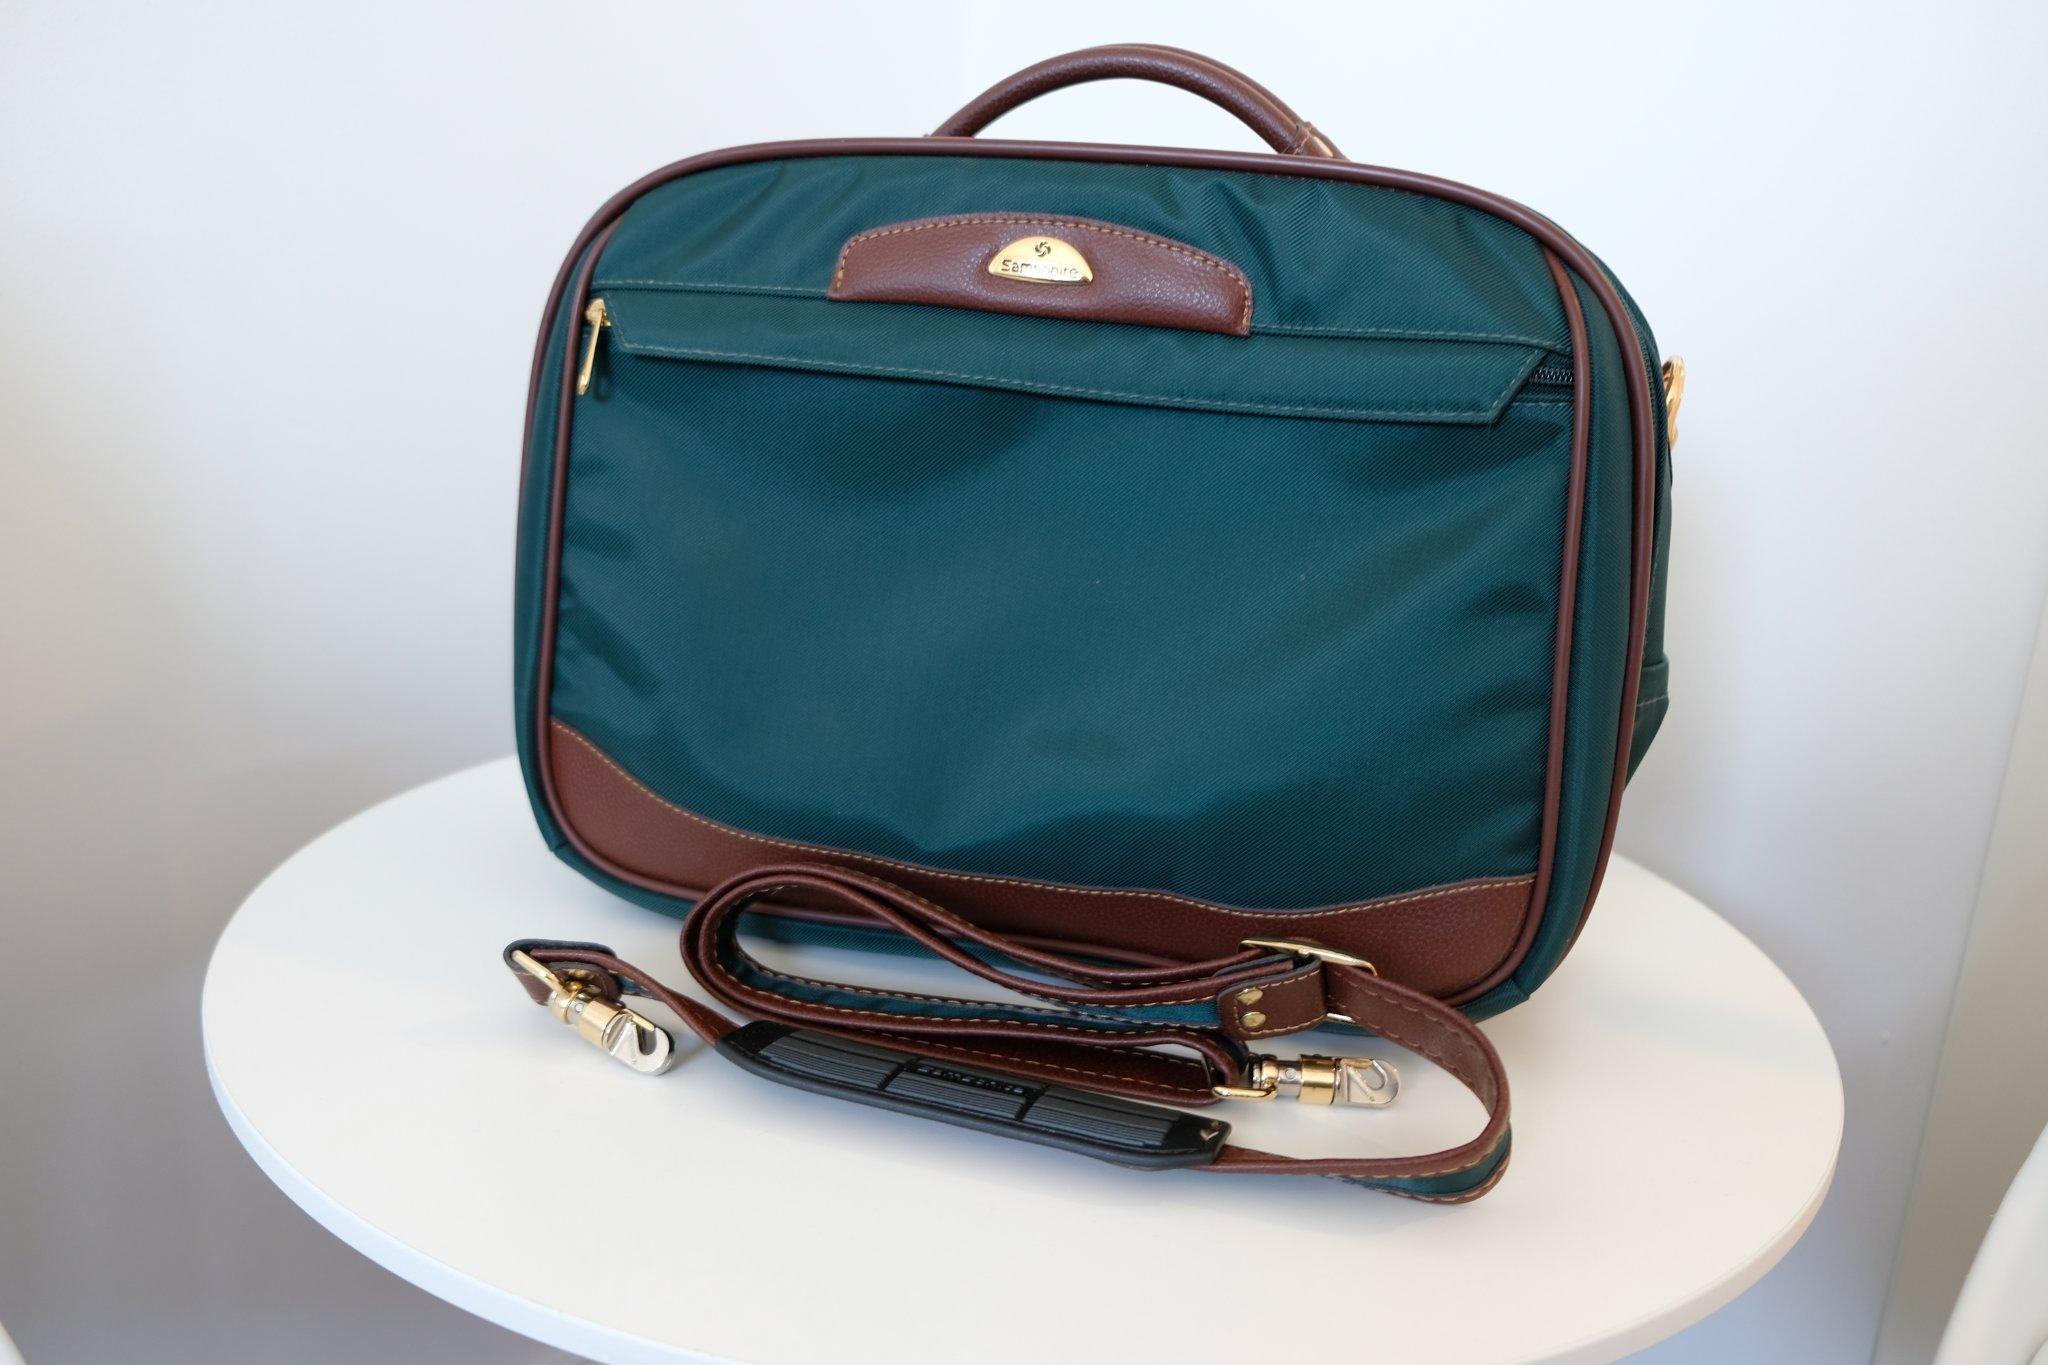 Mycket snygg väska från Samsonite (366707126) ᐈ Köp på Tradera